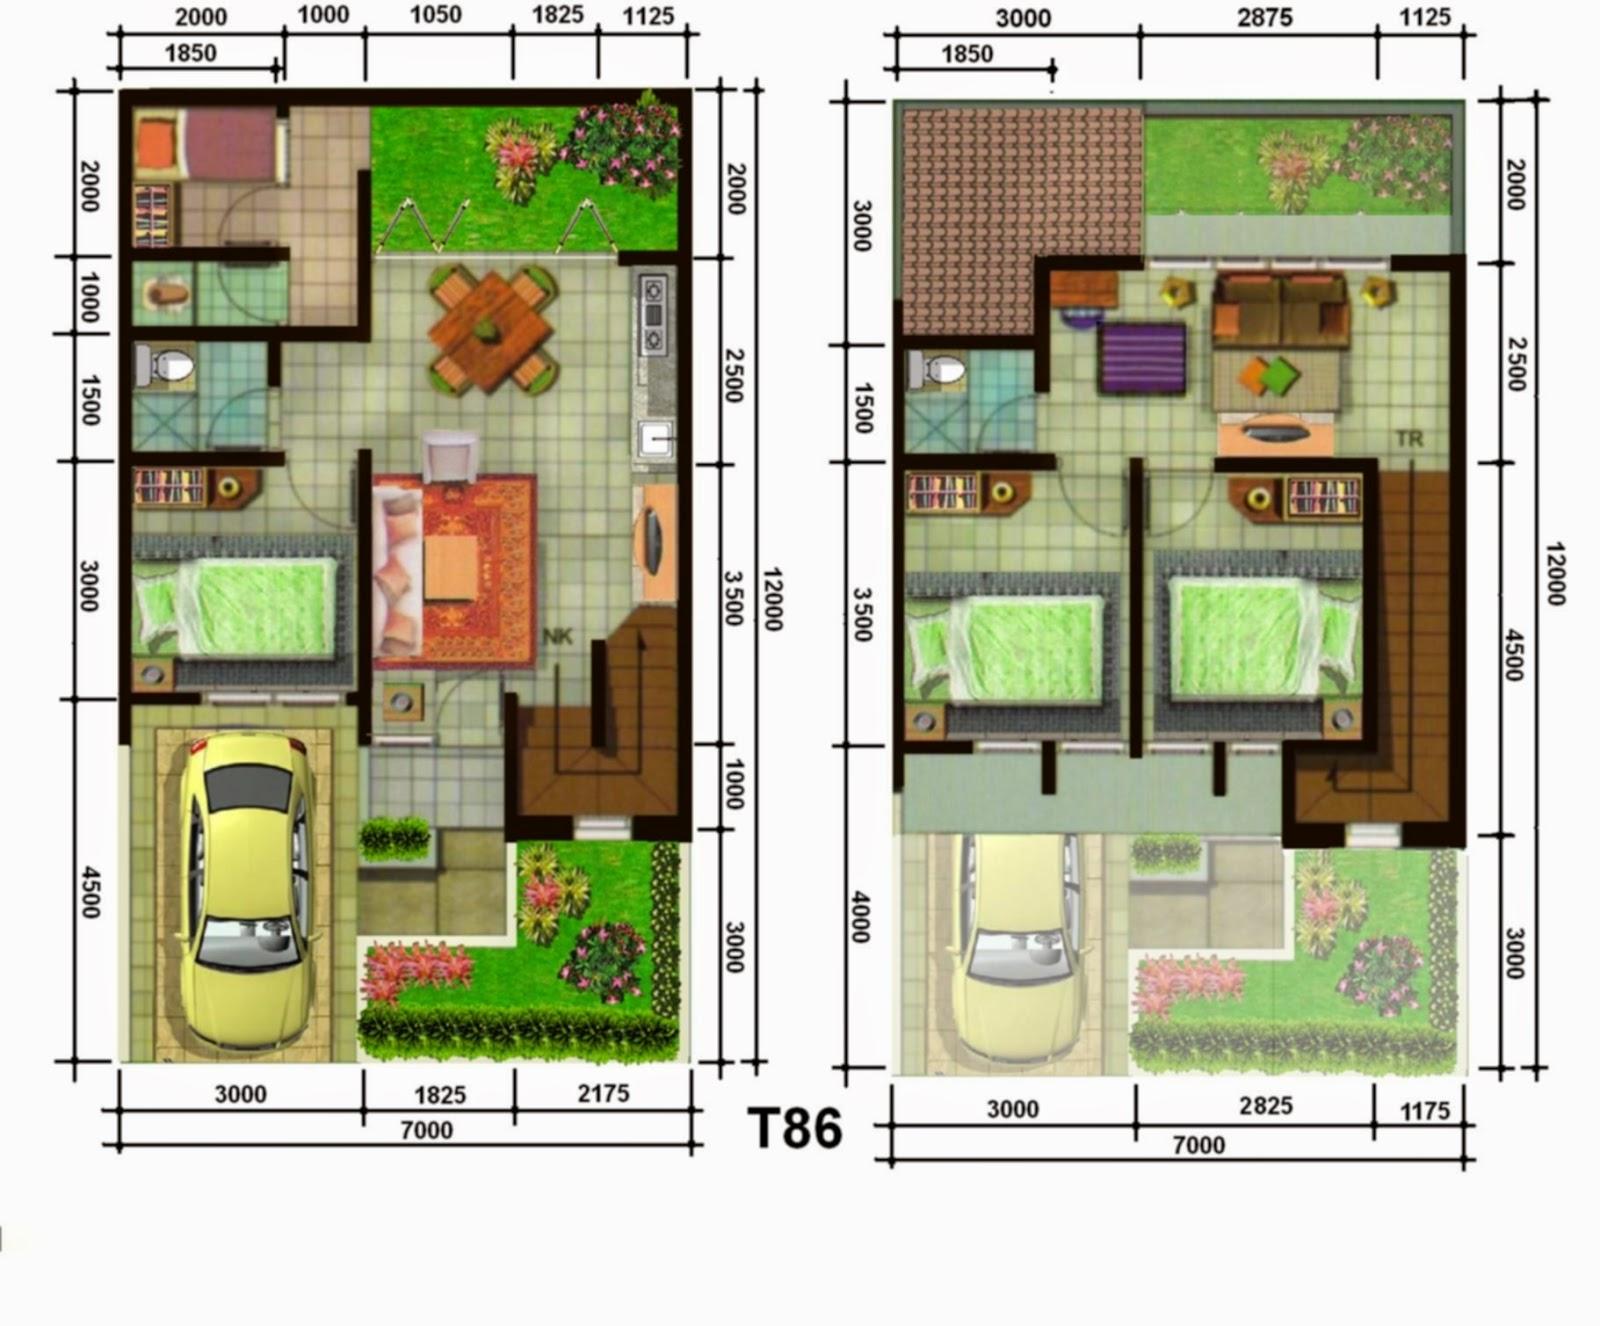 Desain Rumah Minimalis 2 Lantai Type 50 Gambar Foto Desain Rumah